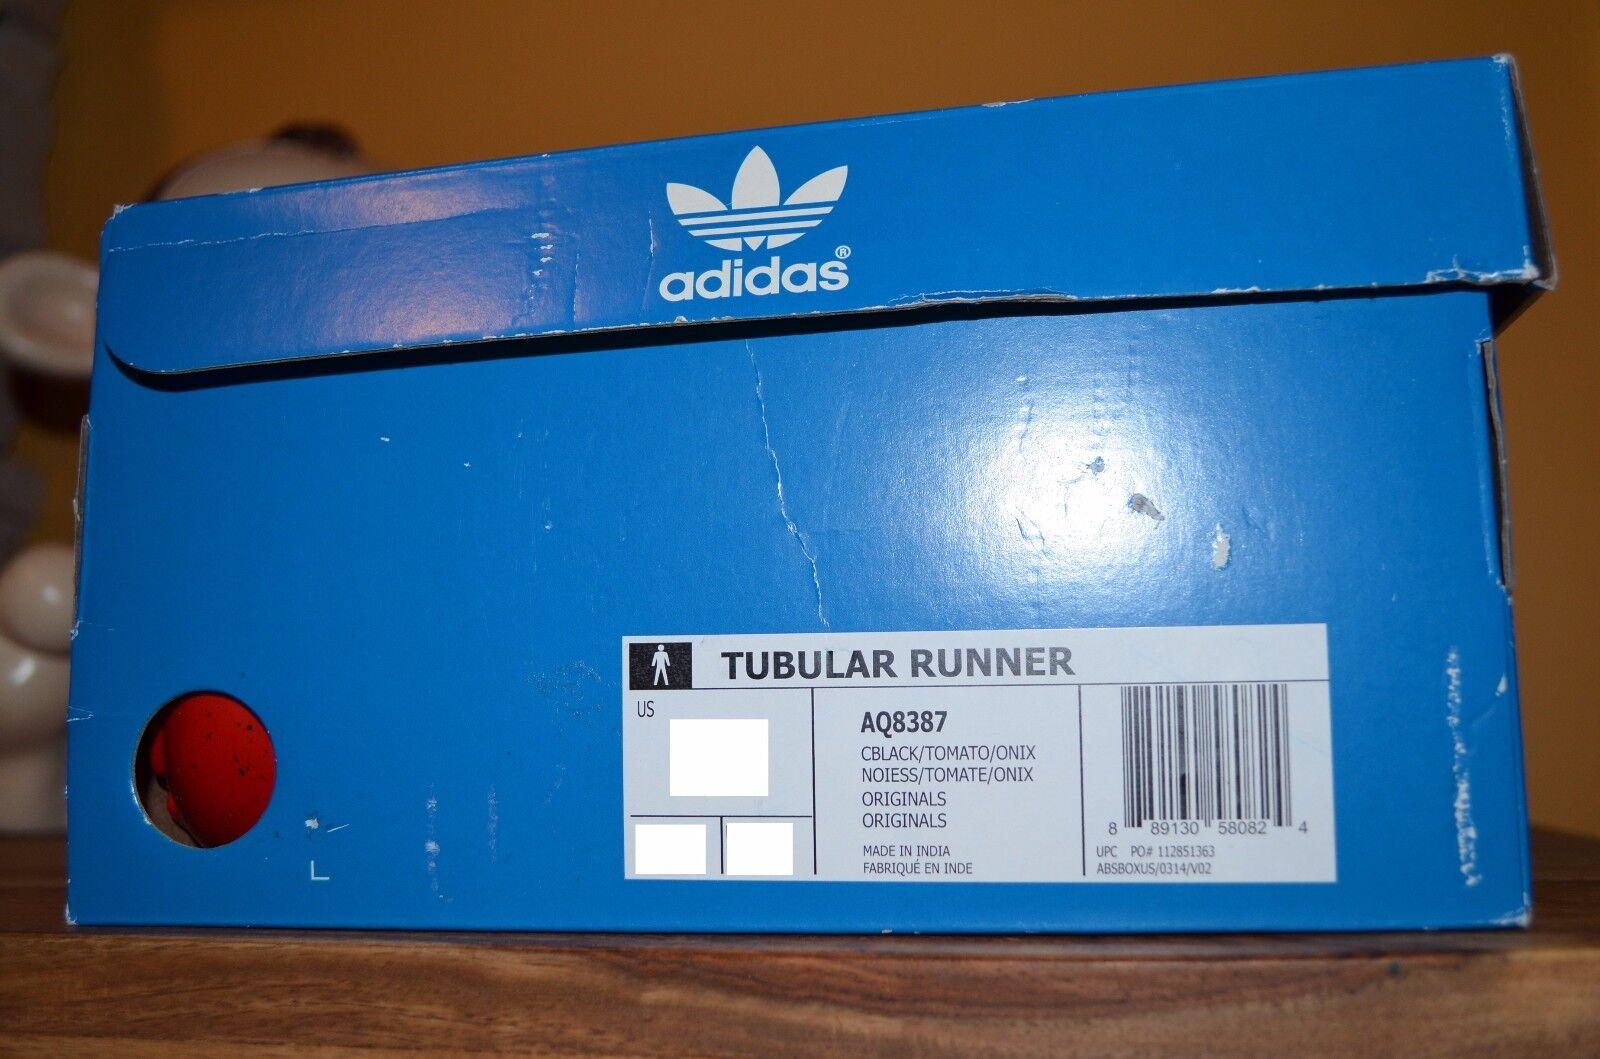 Neue adidas tubuläre läufer läufer tubuläre schuhe preissenkung 697a7a